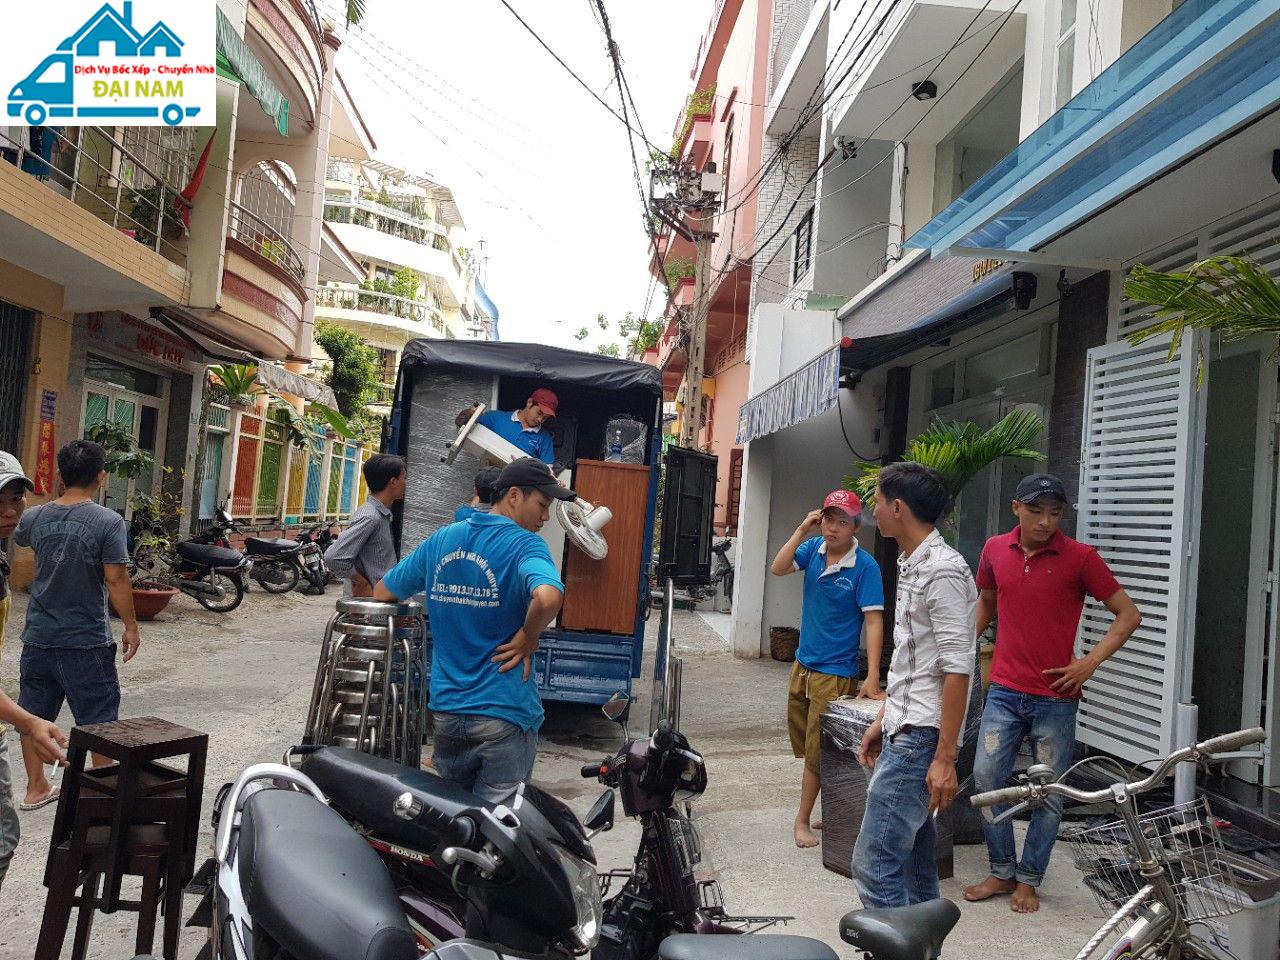 Dịch vụ chuyển nhà quận Tân Bình trọn gói nhanh chóng uy tín